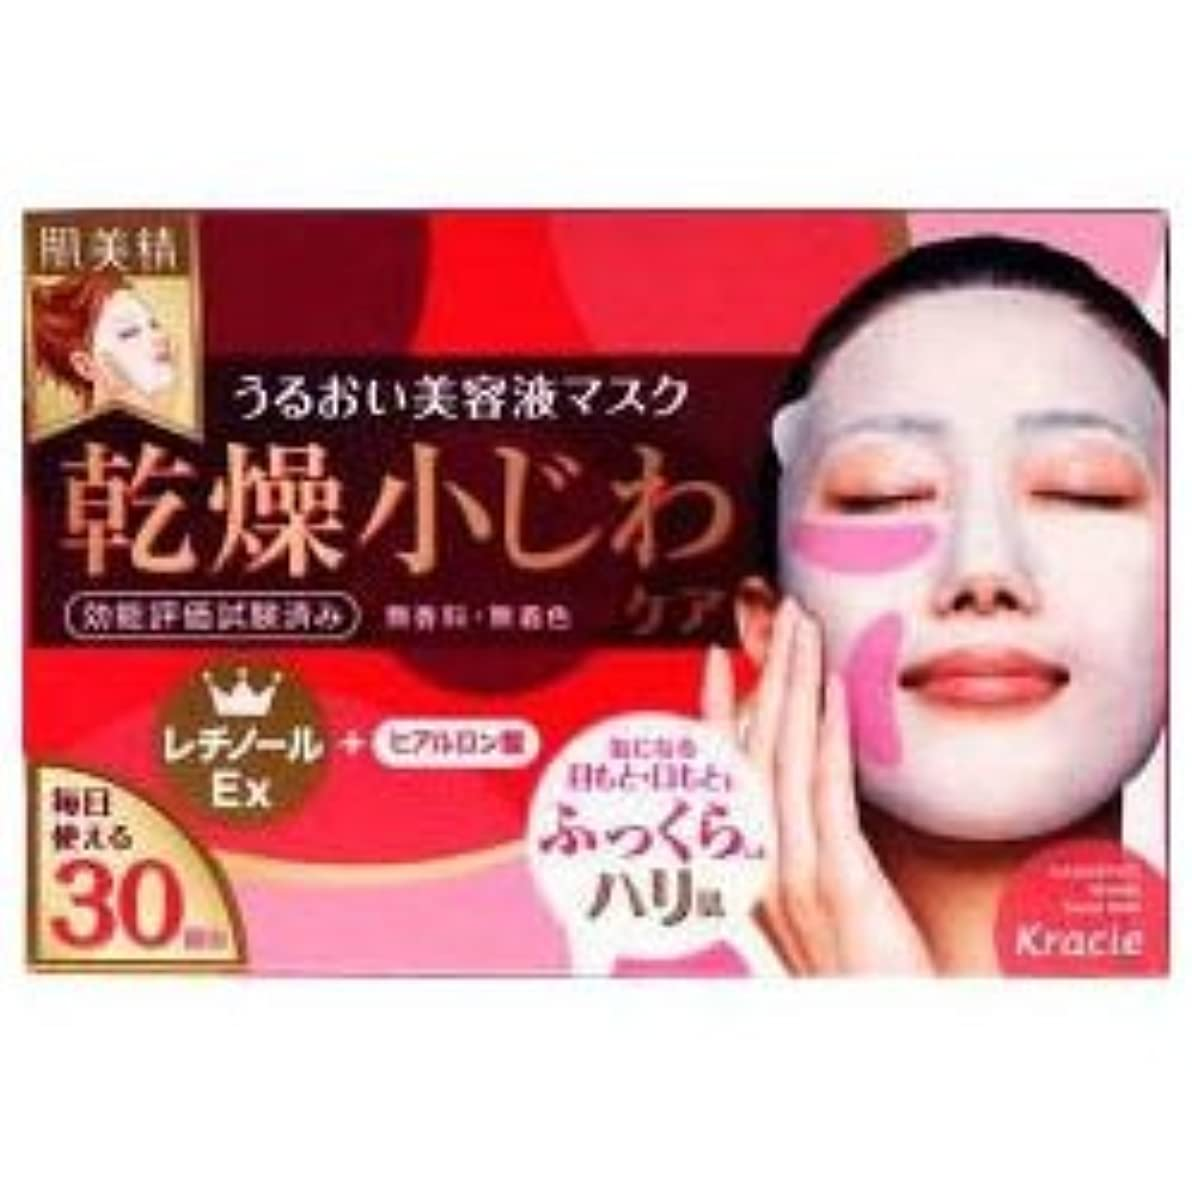 好奇心盛うなずく到着【クラシエ】肌美精 デイリーリンクルケア美容液マスク 30枚 ×20個セット